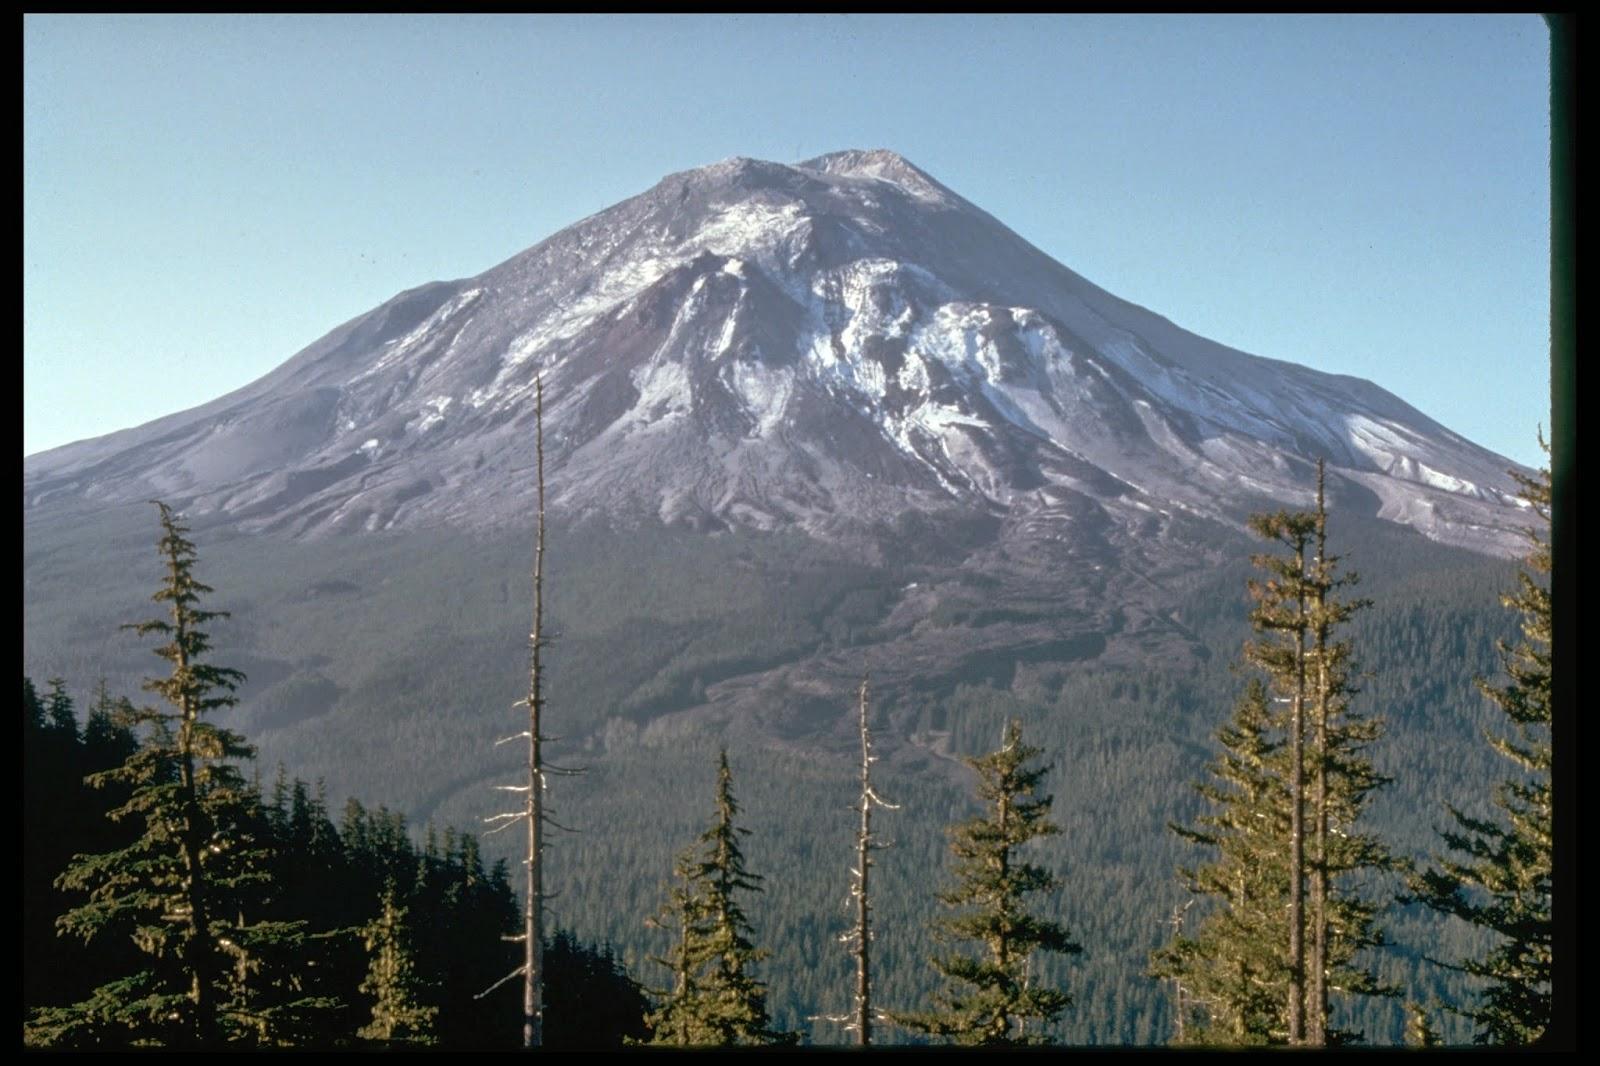 http://en.wikipedia.org/wiki/Mount_St._Helens